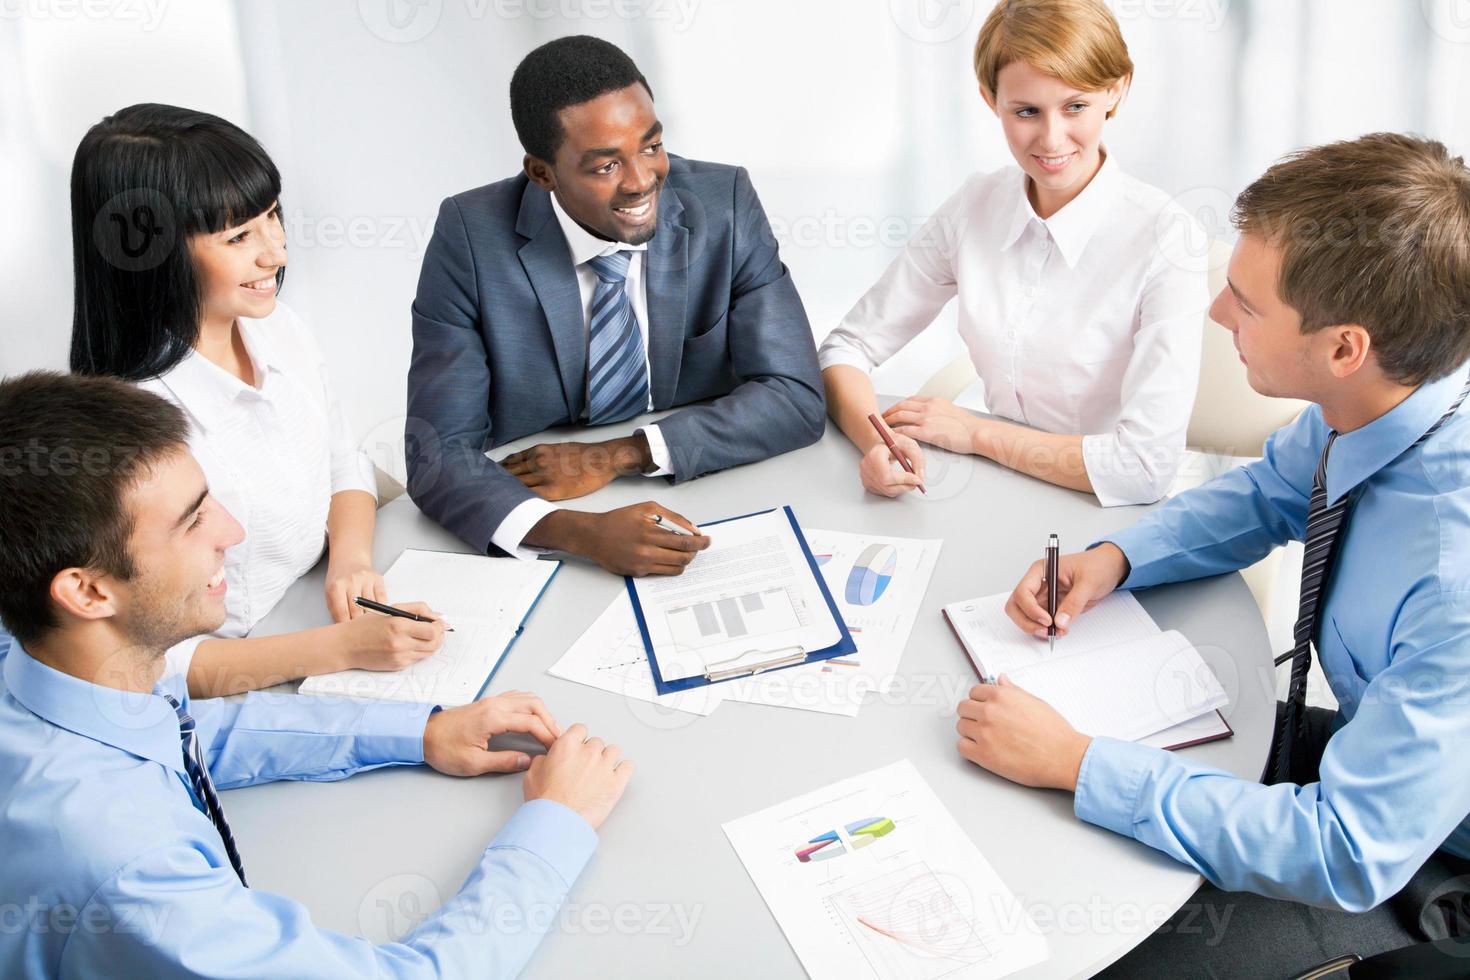 retrato de reunião de grupo de negócios foto